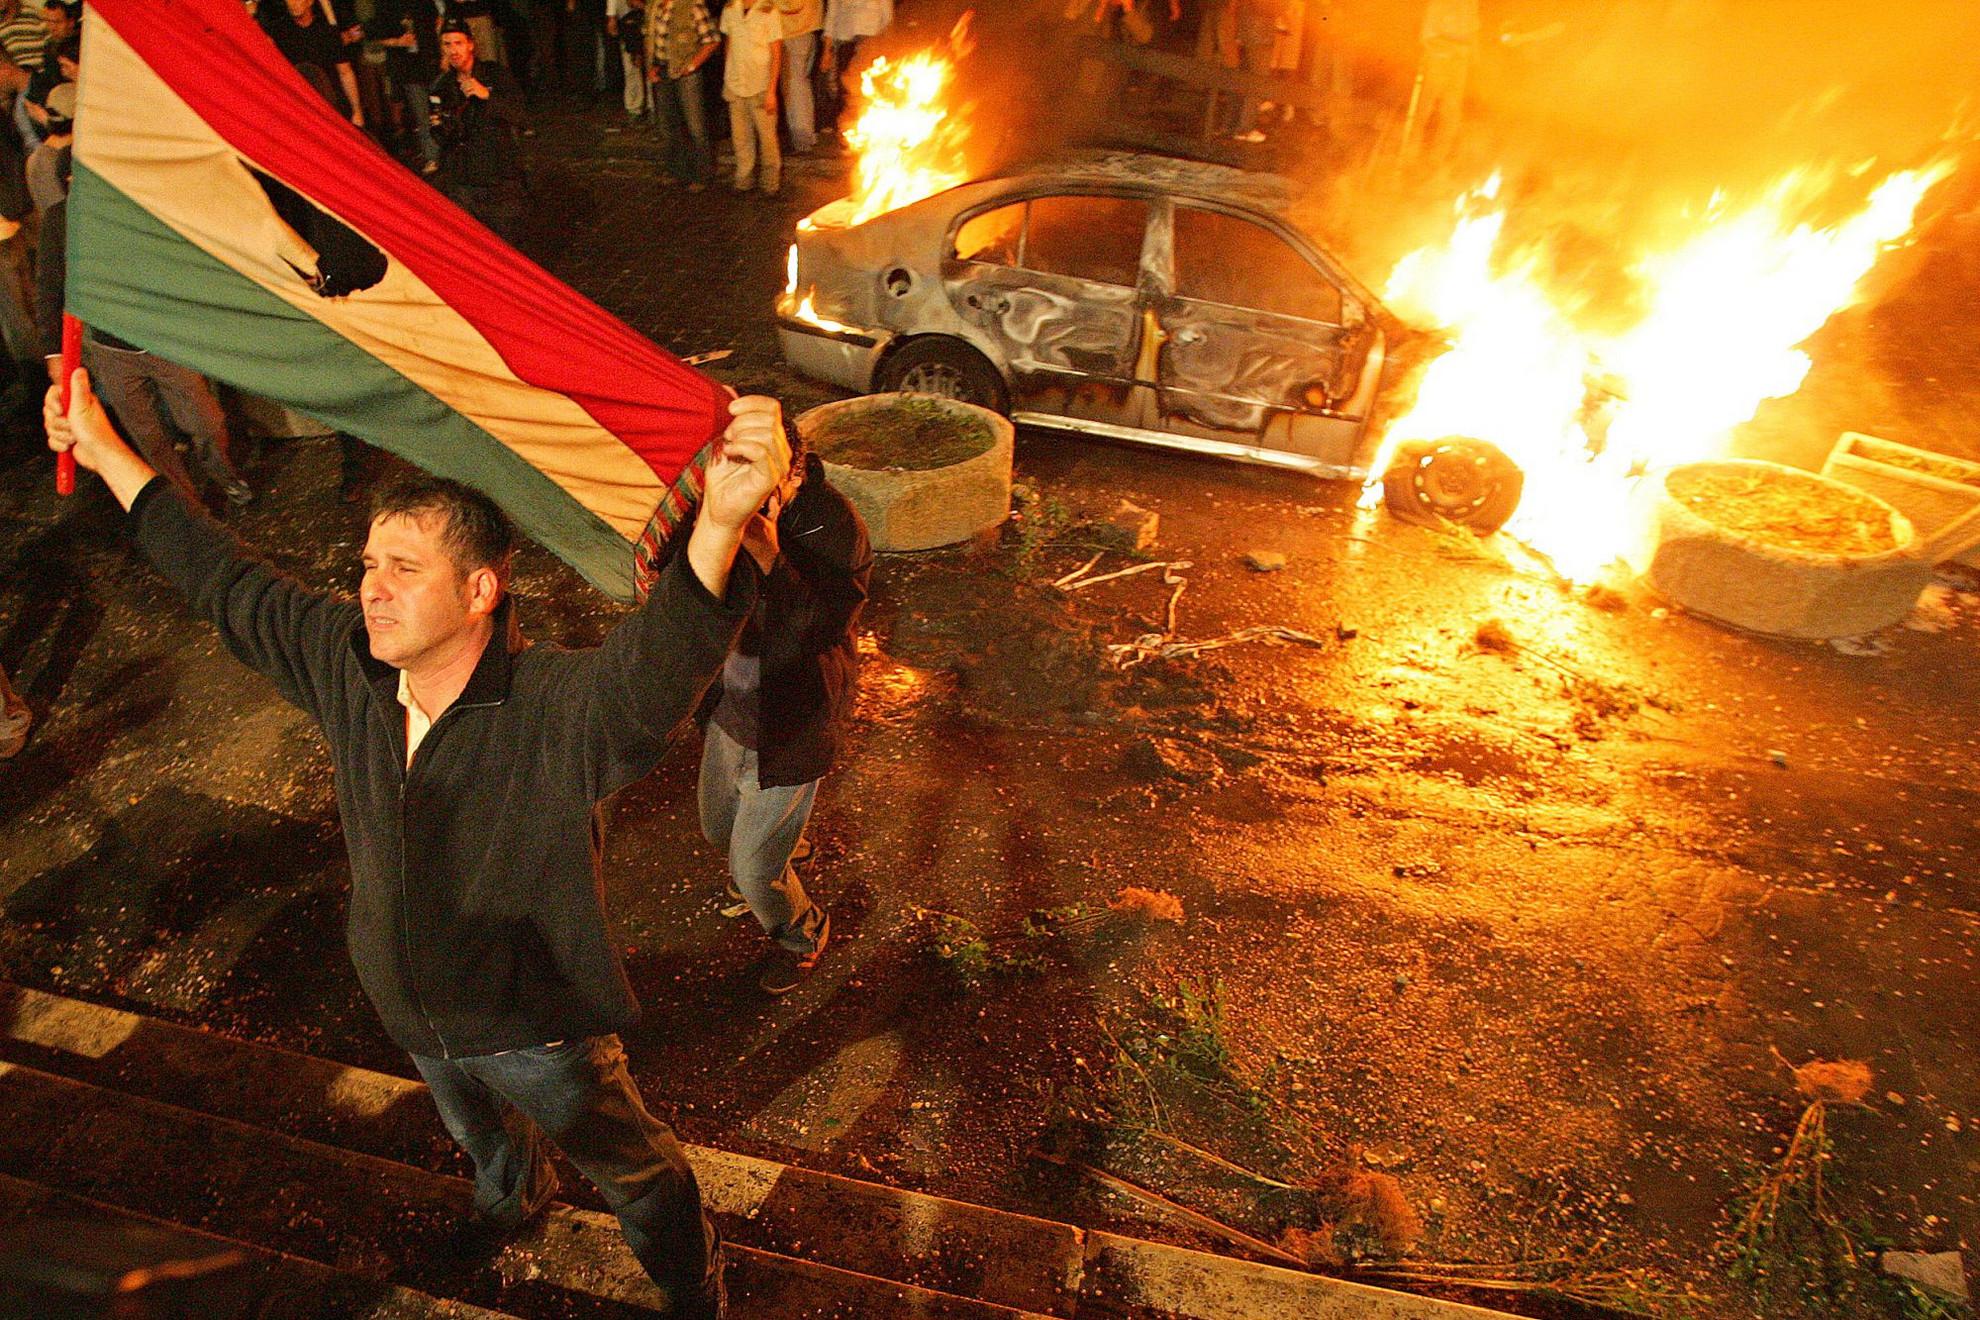 A beszédet követően Budapesten elszabadultak az indulatok